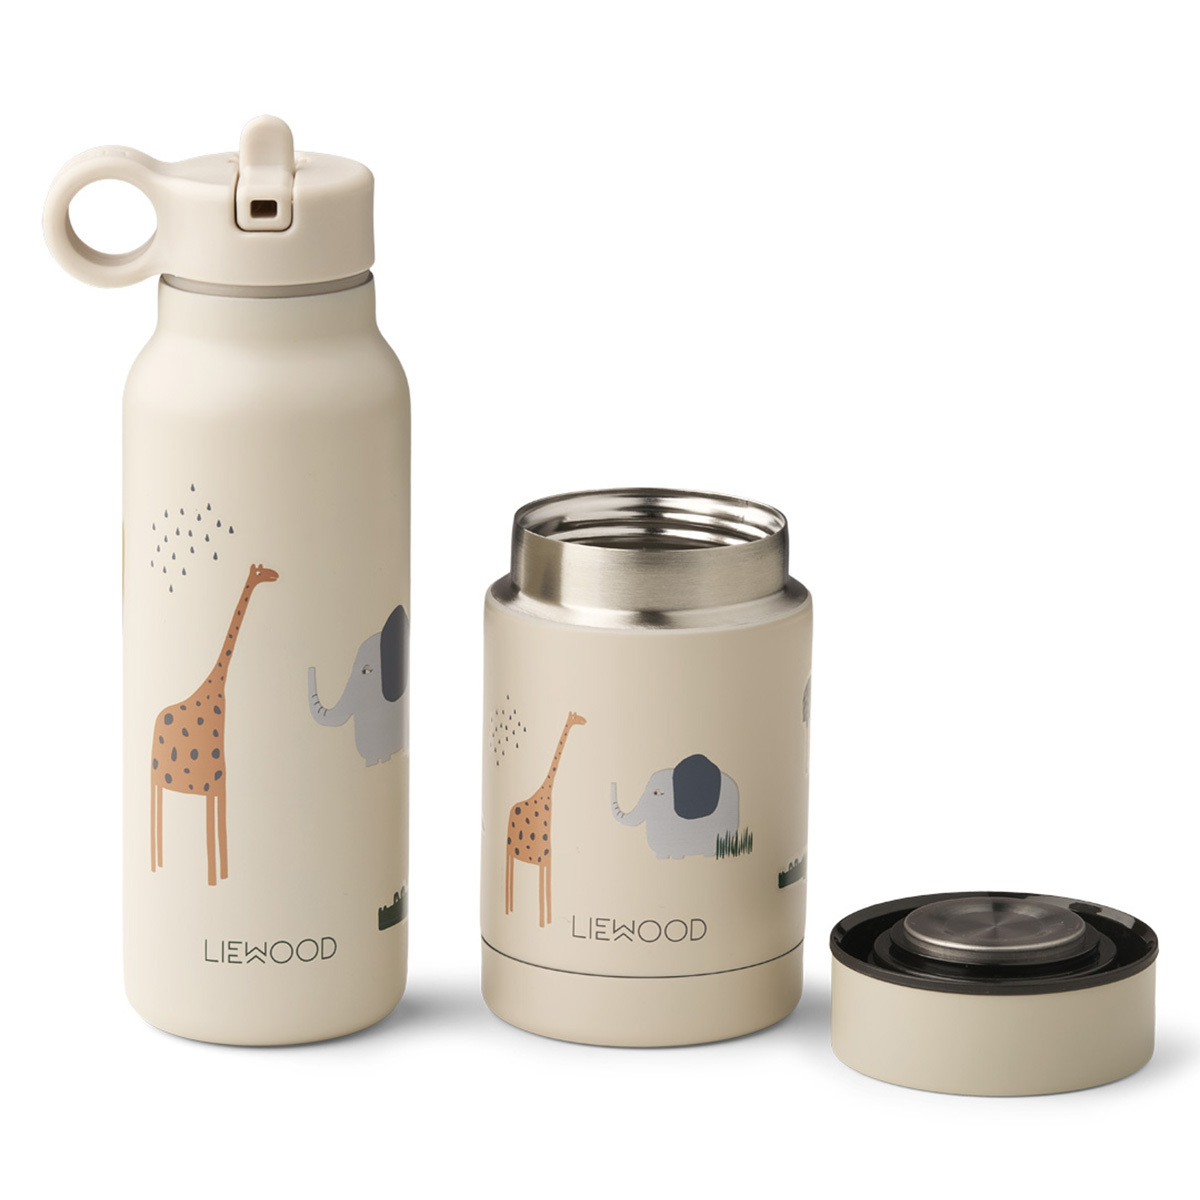 Tasse & Verre Pack Pique-nique Marlow - Safari Sandy Mix Pack Pique-nique Marlow - Safari Sandy Mix